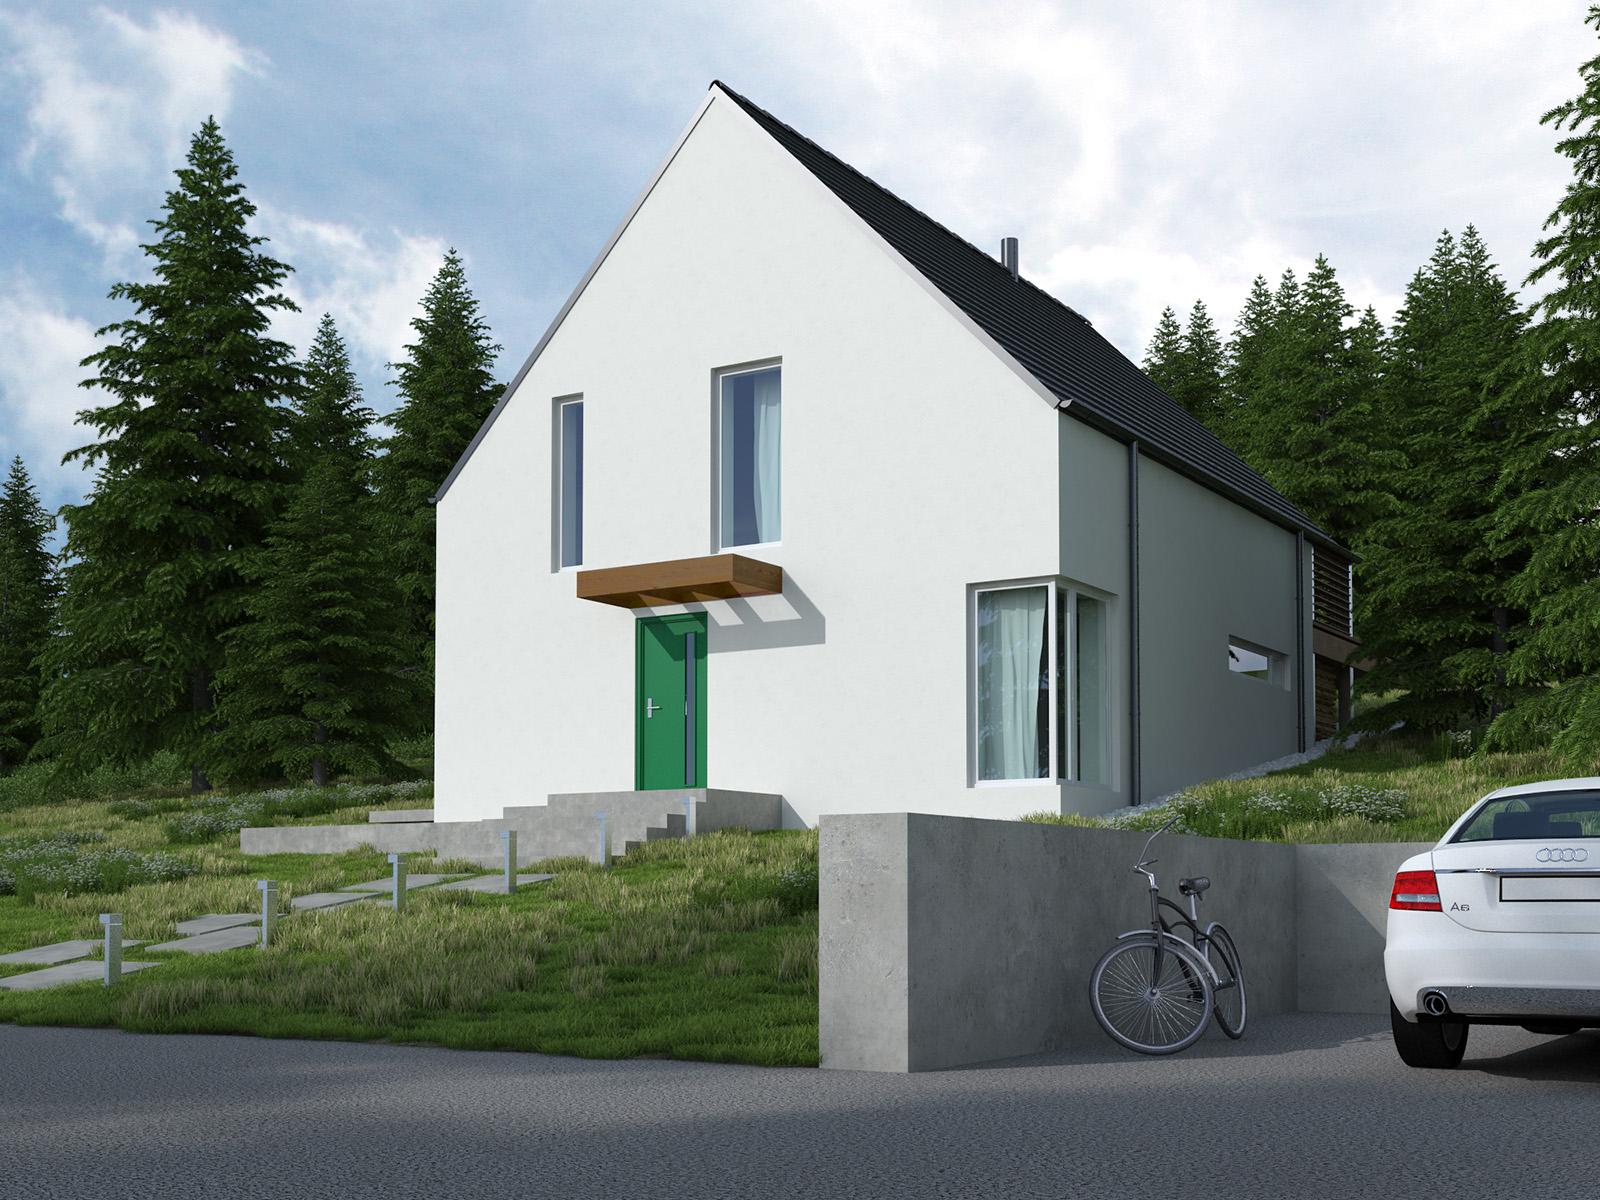 Projekt domu Z TARASEM Domy Czystej Energii widok od frontu